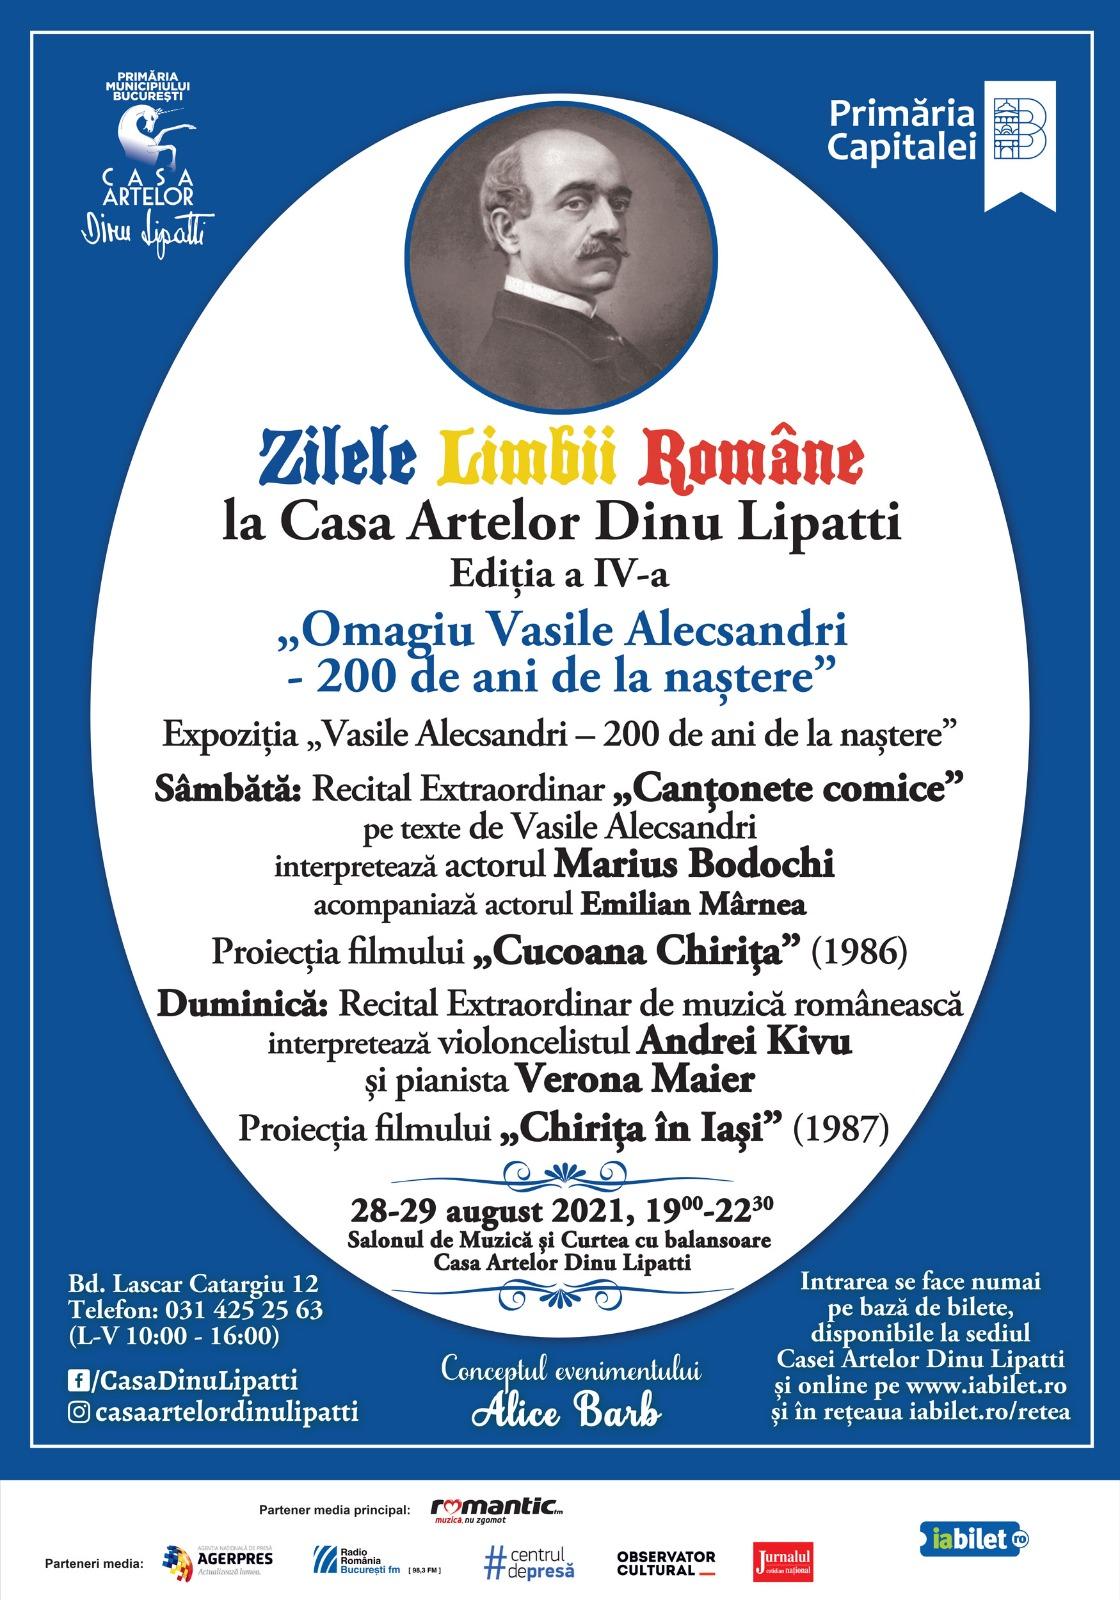 Zilele Limbii Române la Casa Artelor Dinu Lipatti Ediția a IV-a - Omagiu lui Vasile Alecsandri – 200 de ani de la naștere